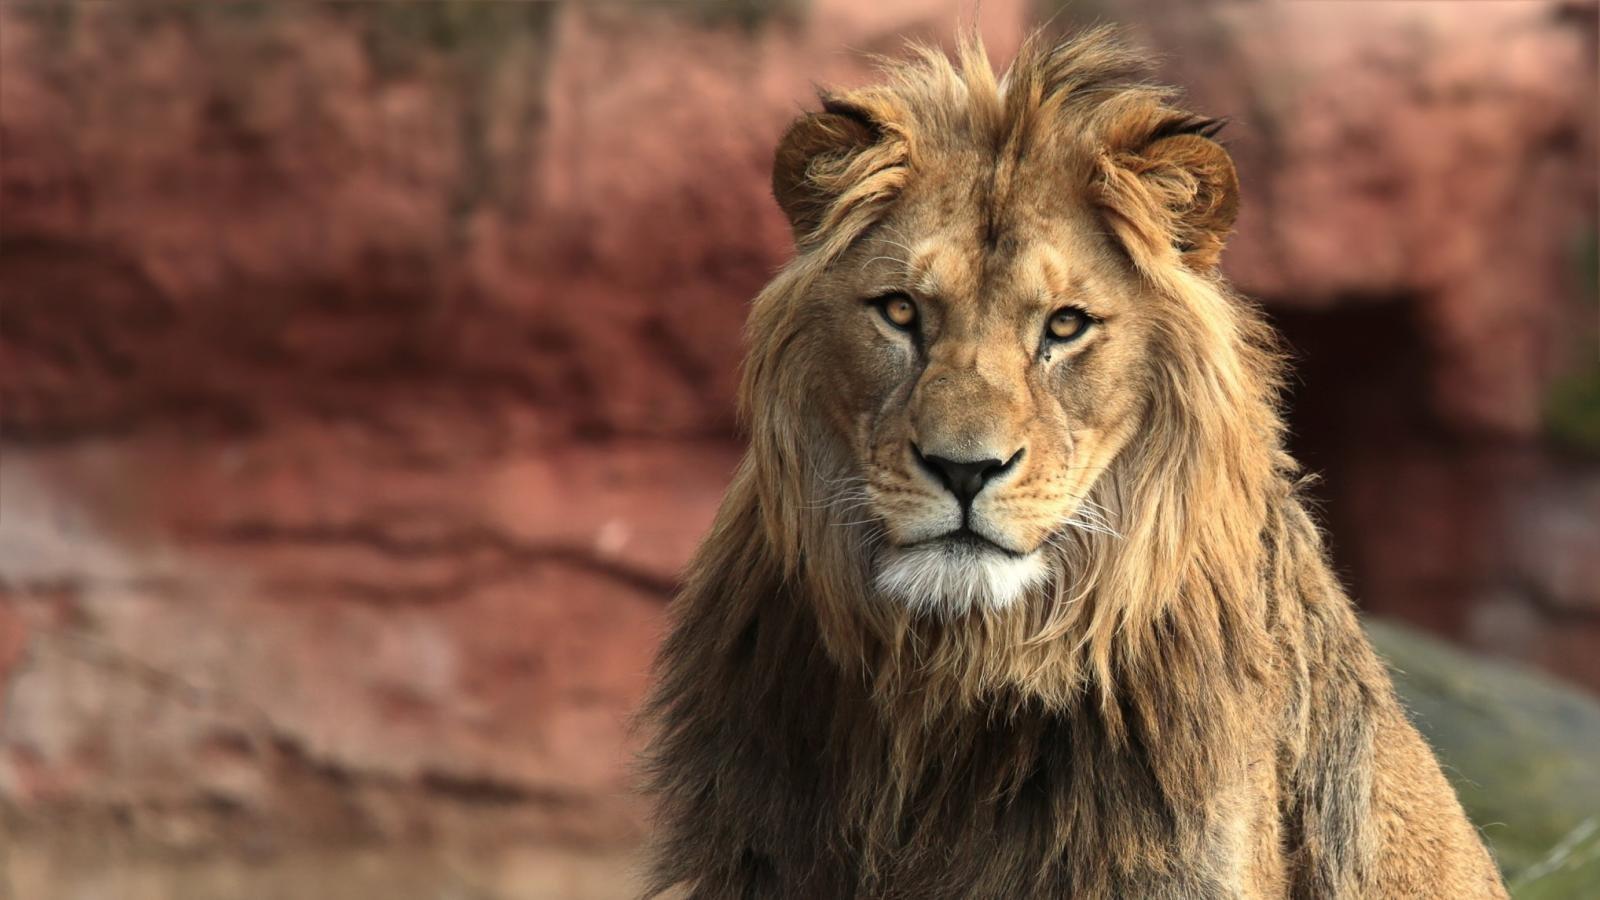 lion wallpaper hd 1600x900 255843